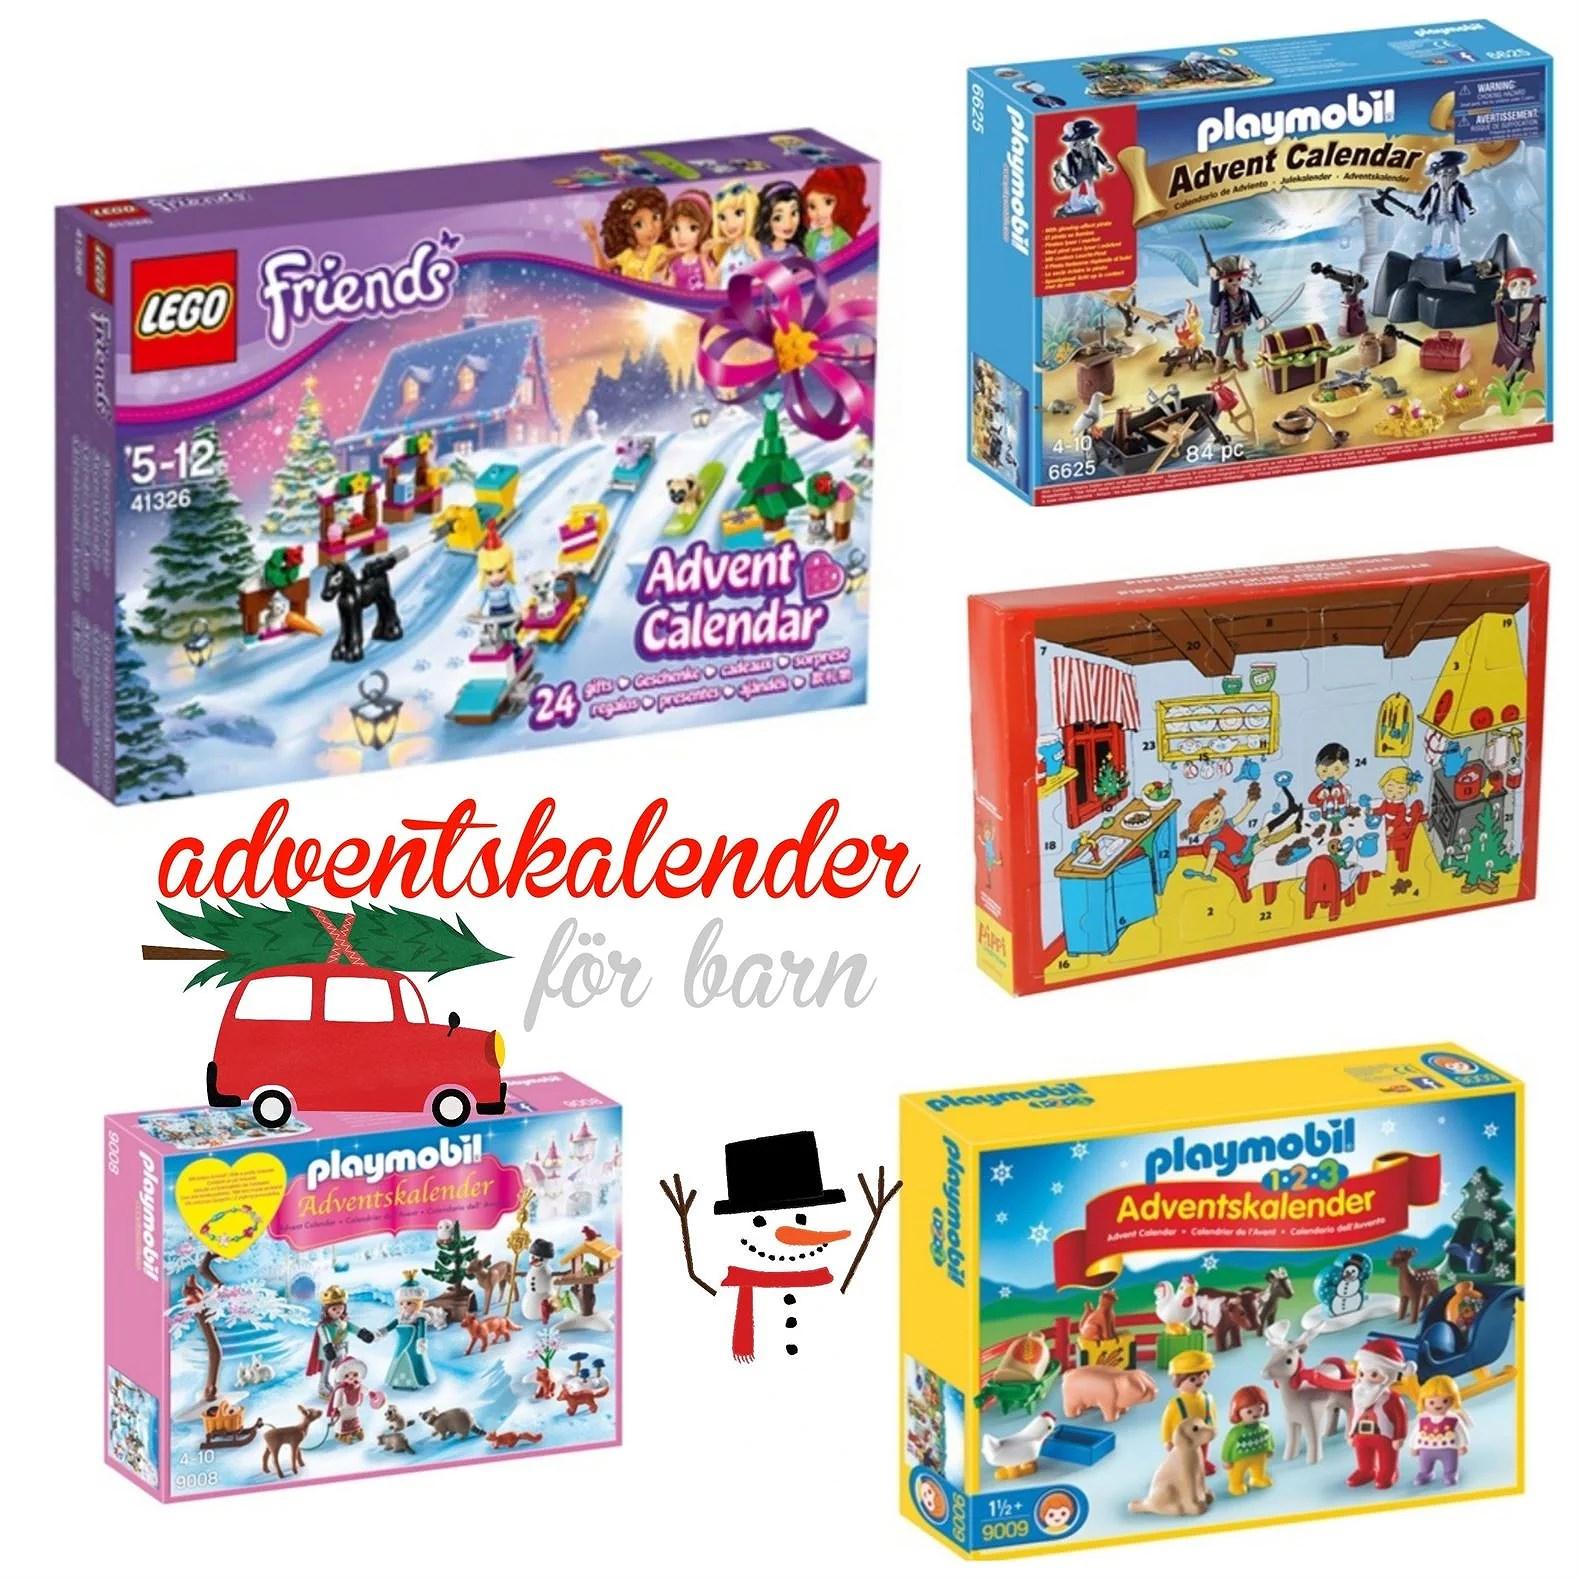 adventskalender för barn, lego, playmobil, pippi